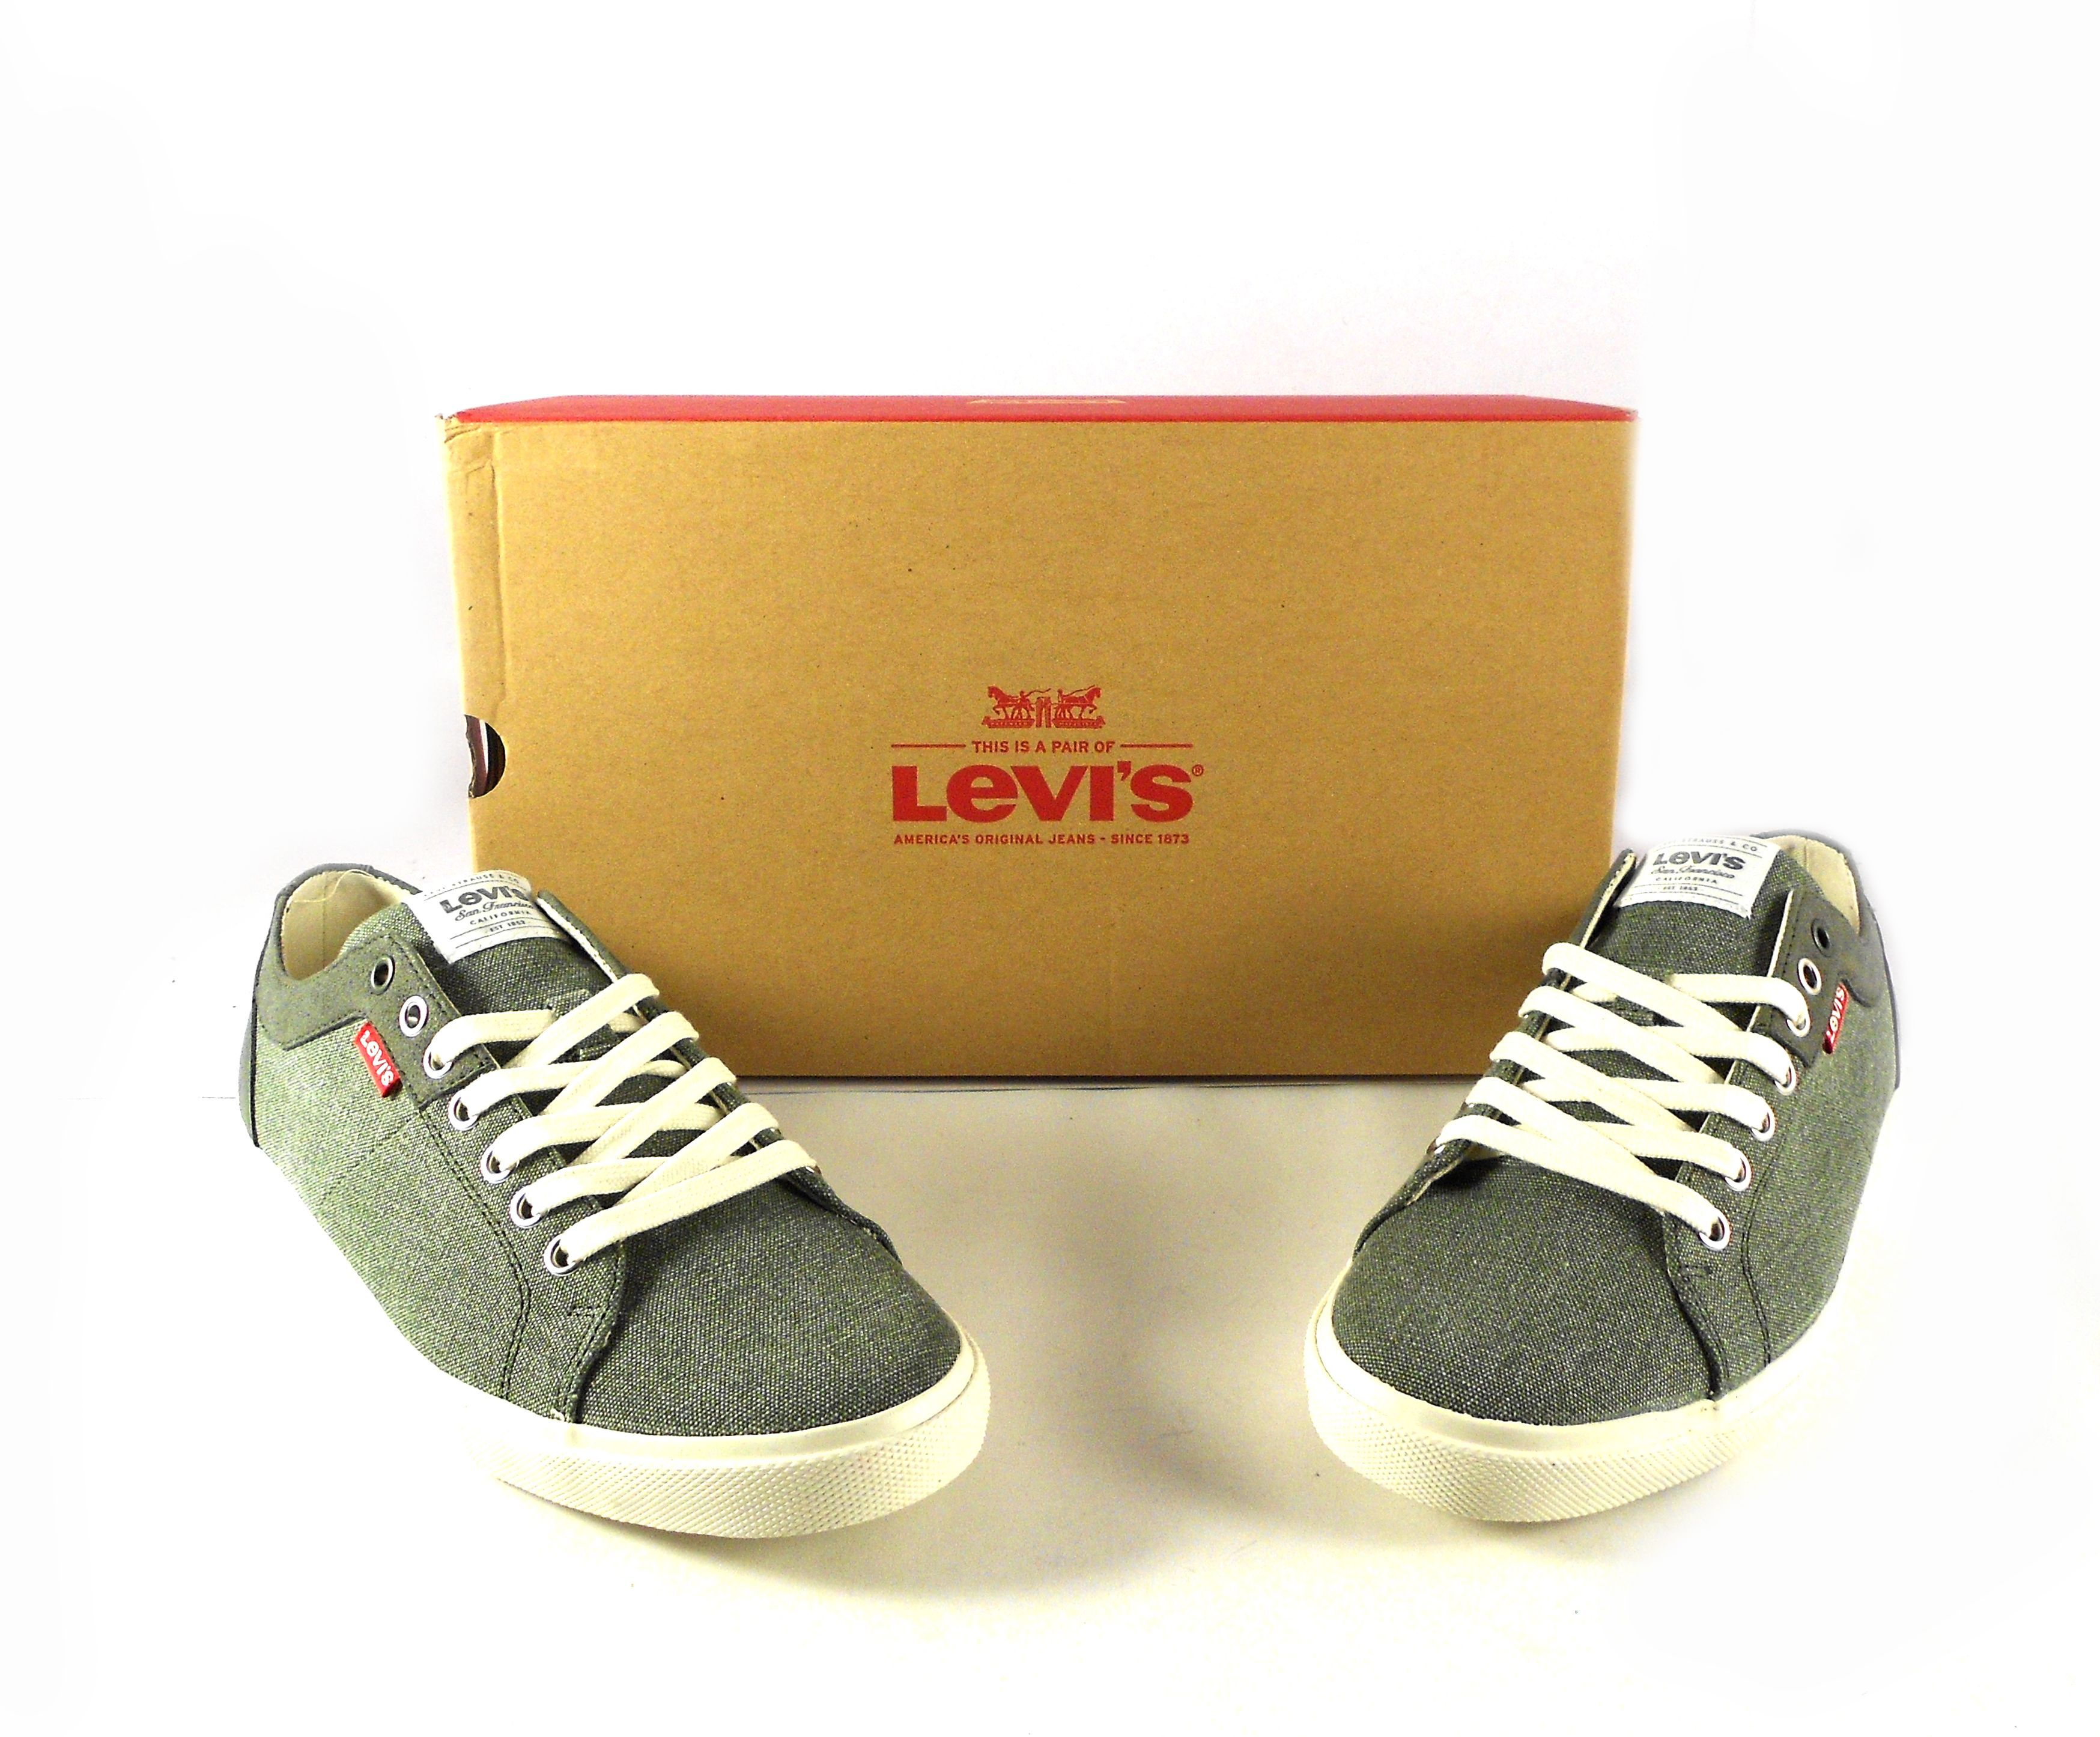 9c4d36d252c Zapatillas para hombre Levi s Woods color verde kaki